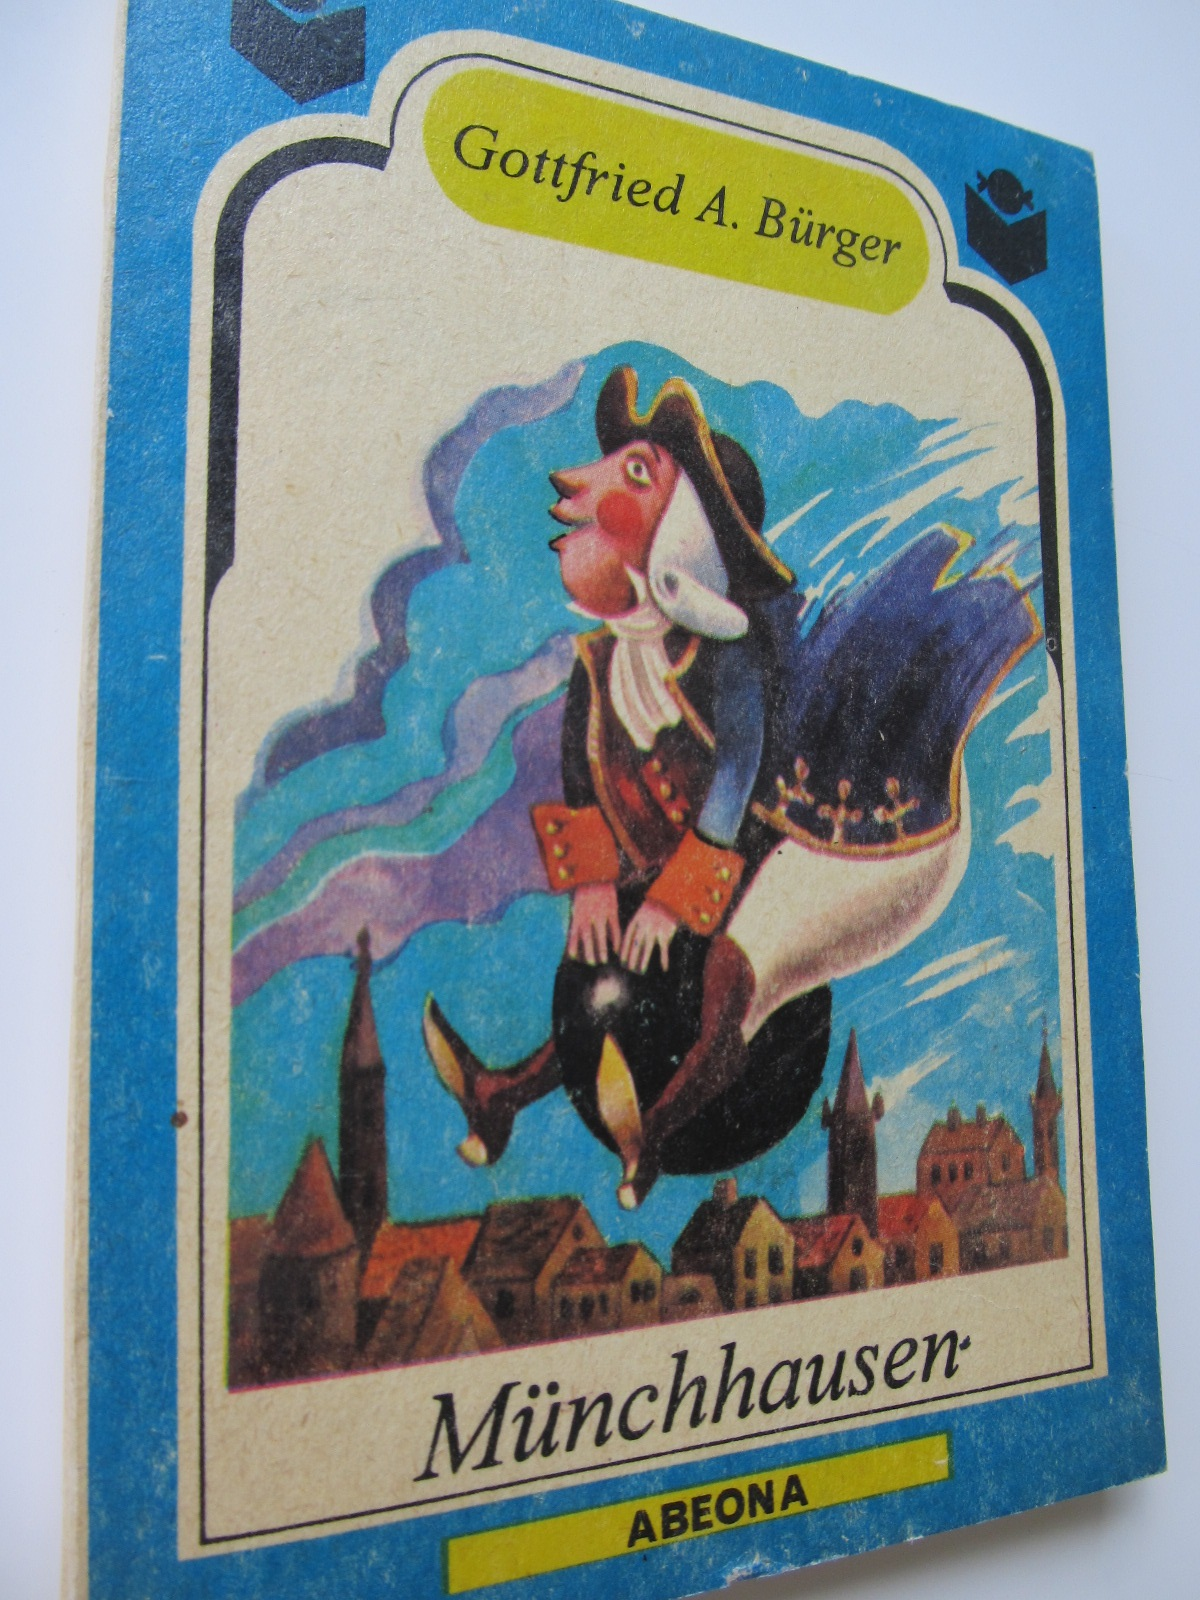 Uimitoarele calatorii si aventuri pe uscat ale baronului Munchhausen - Gottfried Burger | Detalii carte